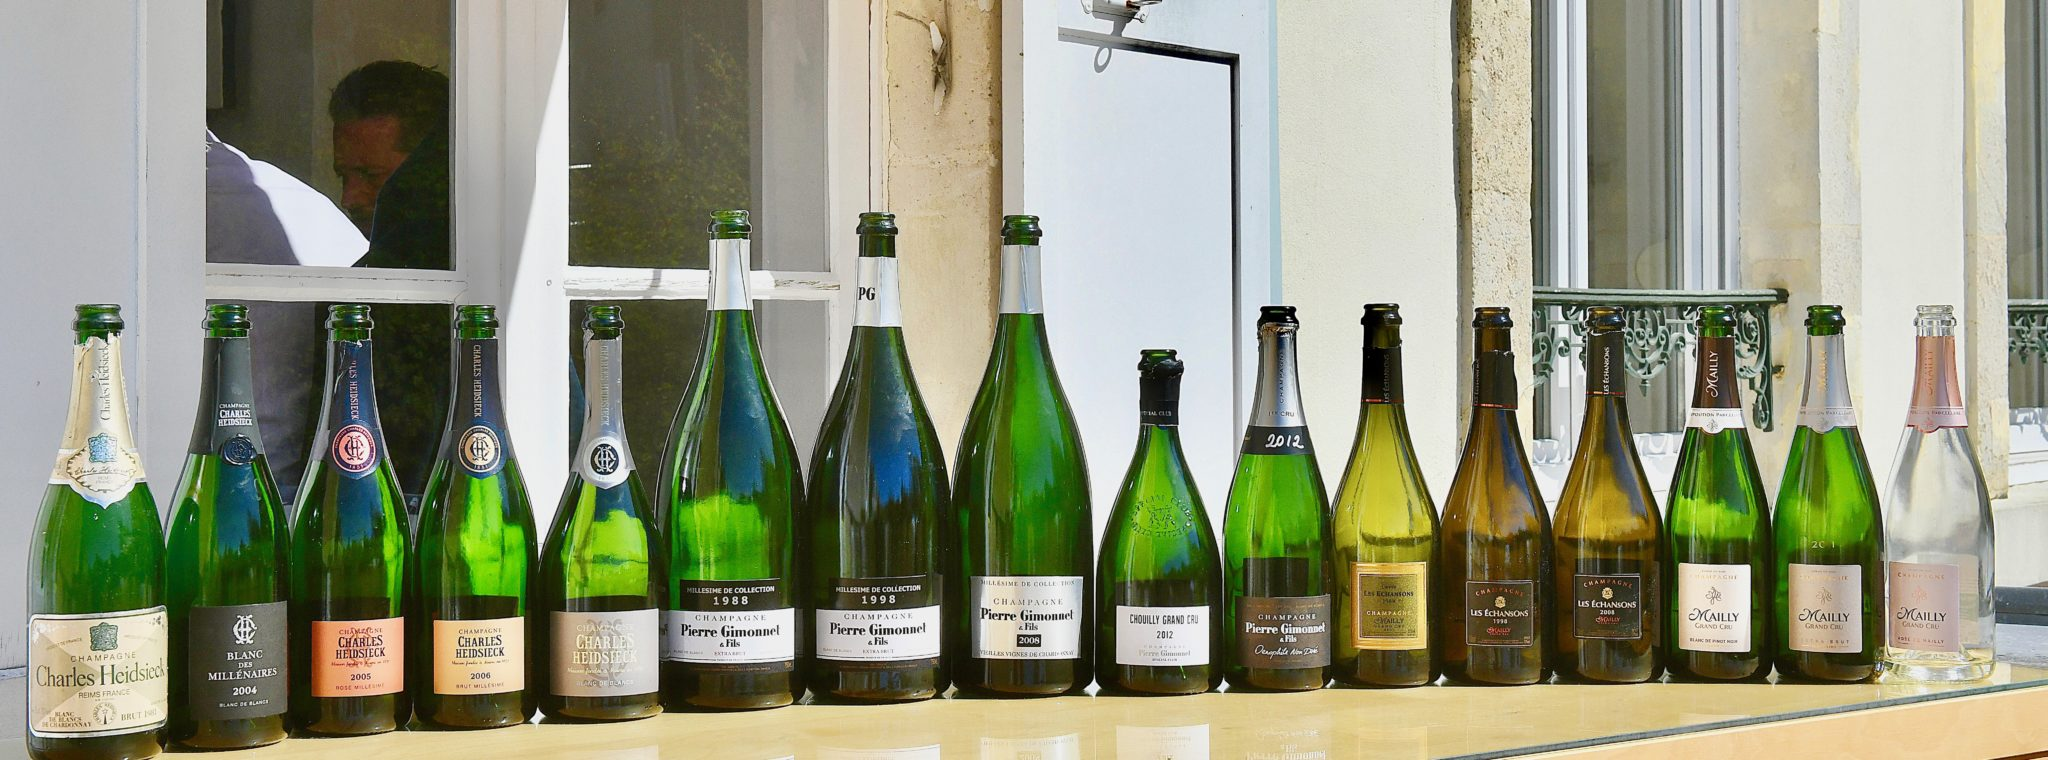 Une superbe dégustation pour une parenthèse enchantée du Printemps des Champagnes.